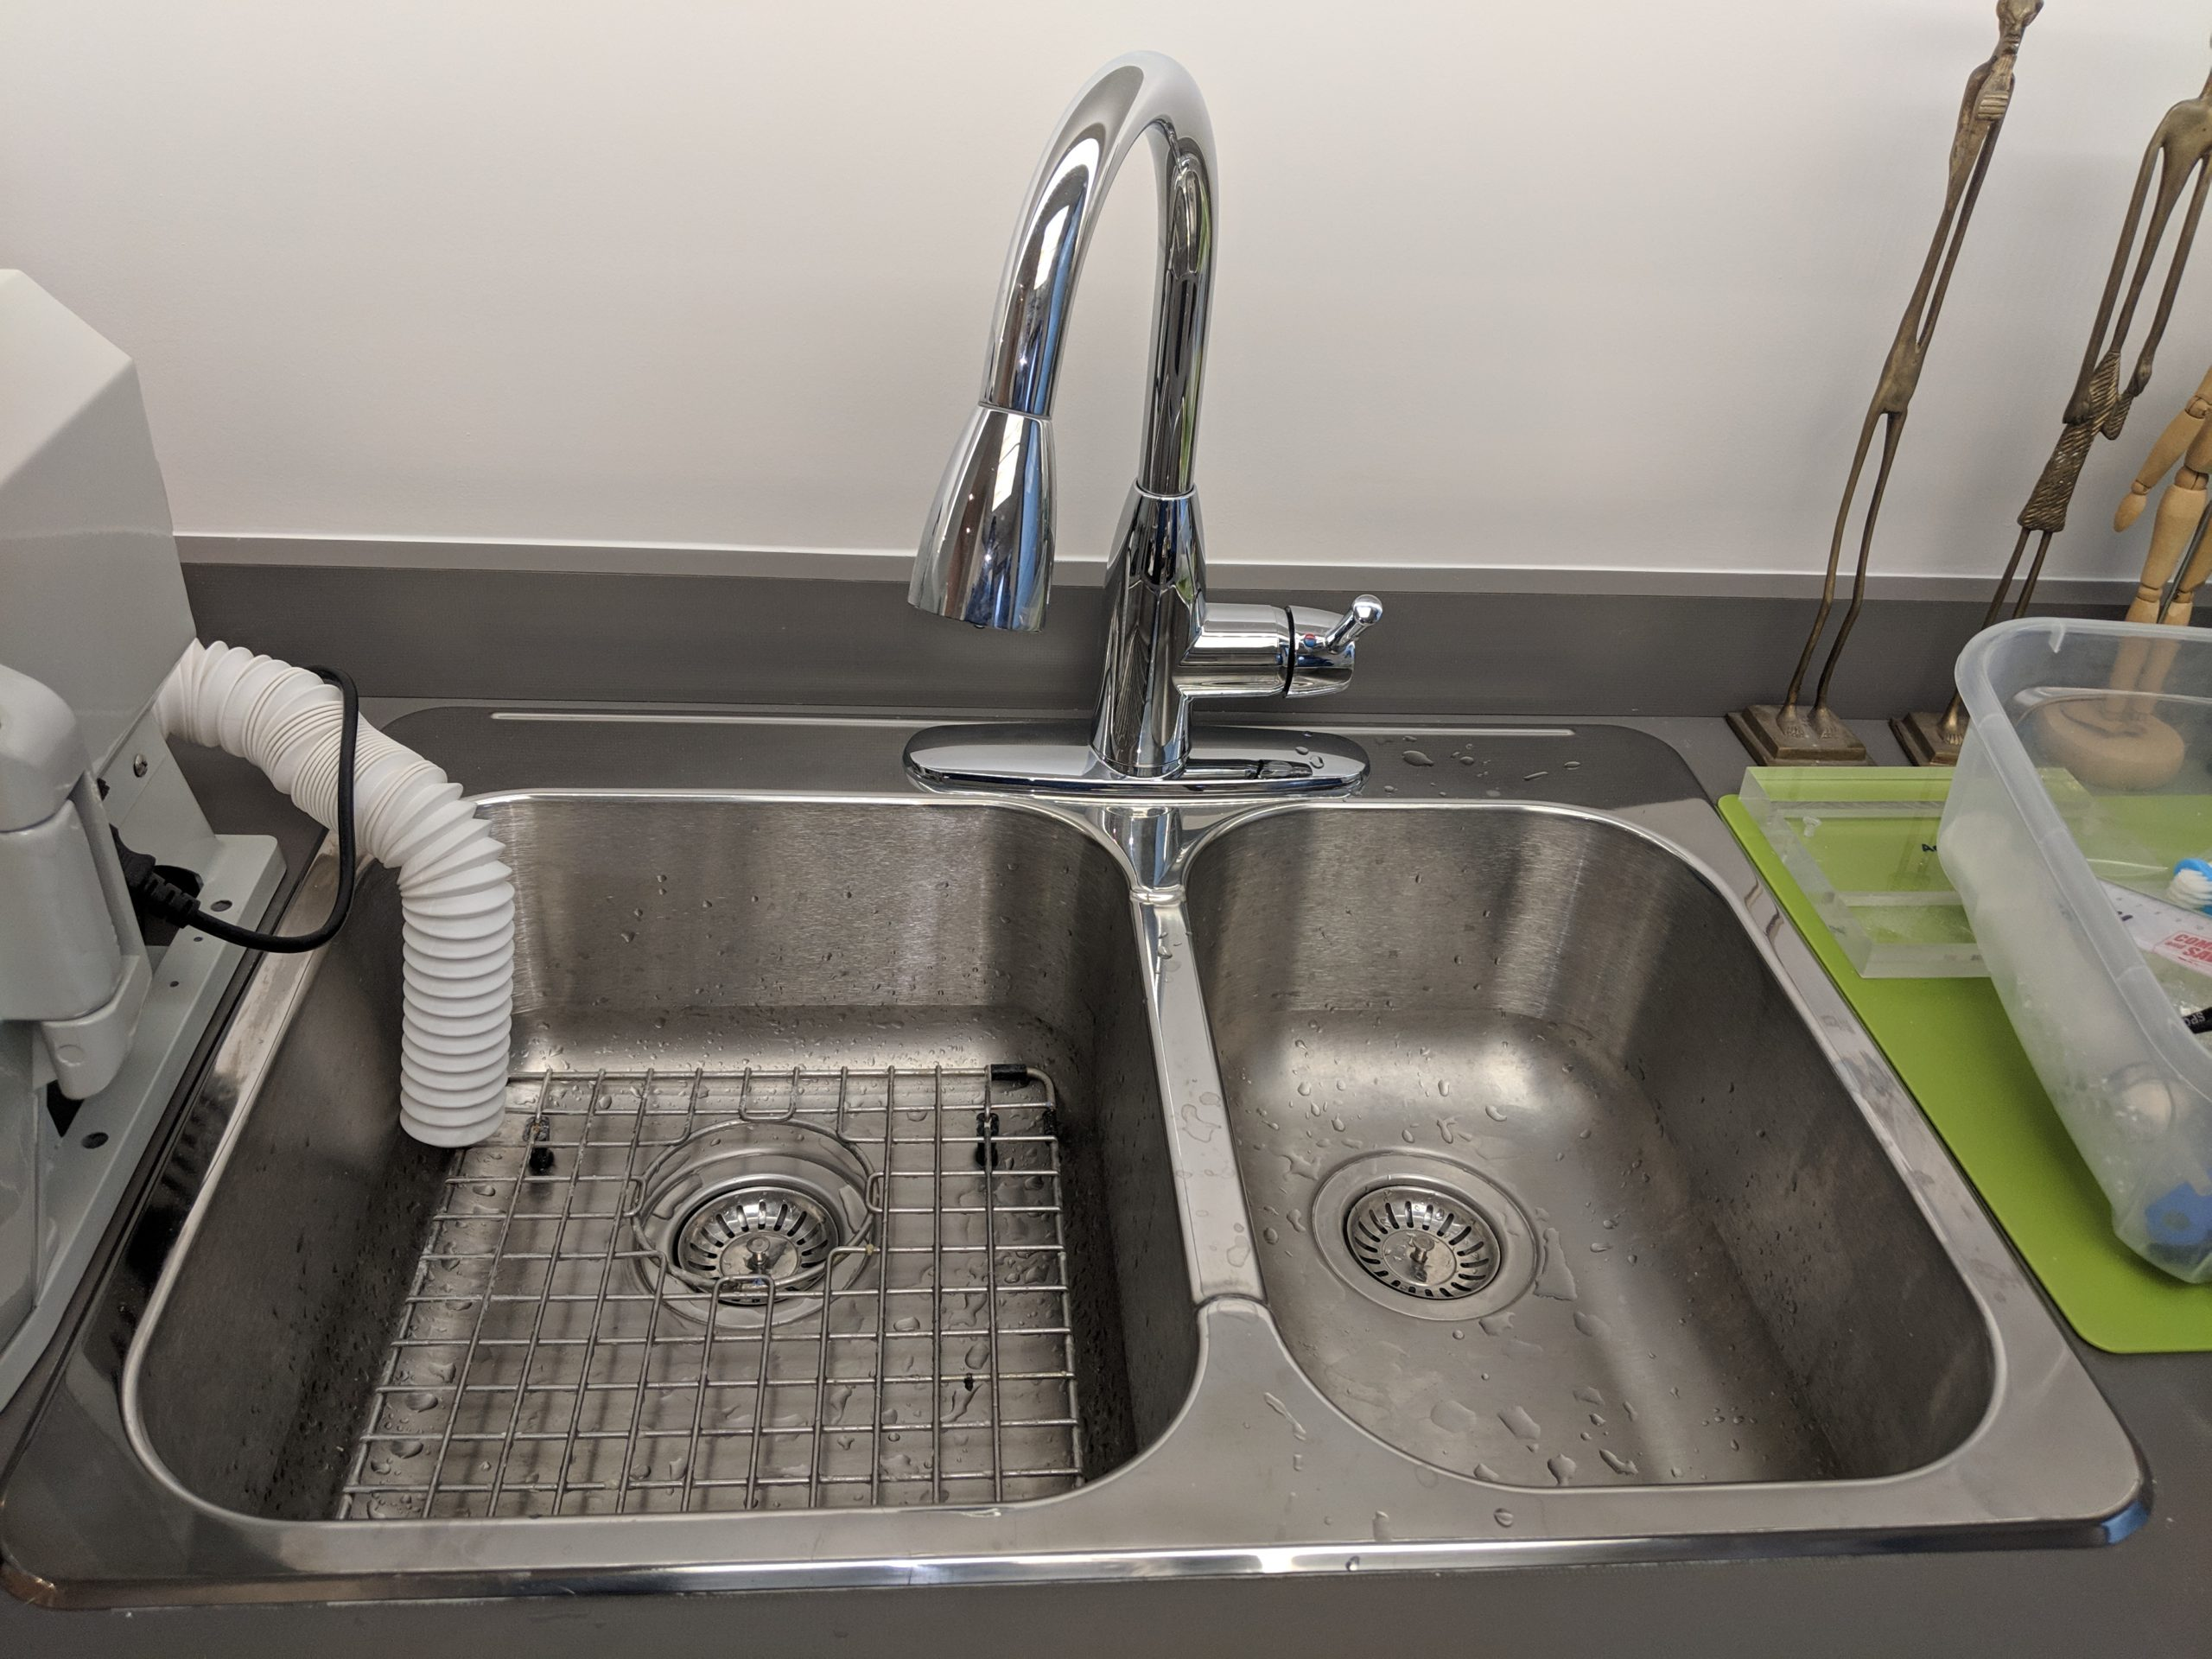 clogged kitchen sink drain